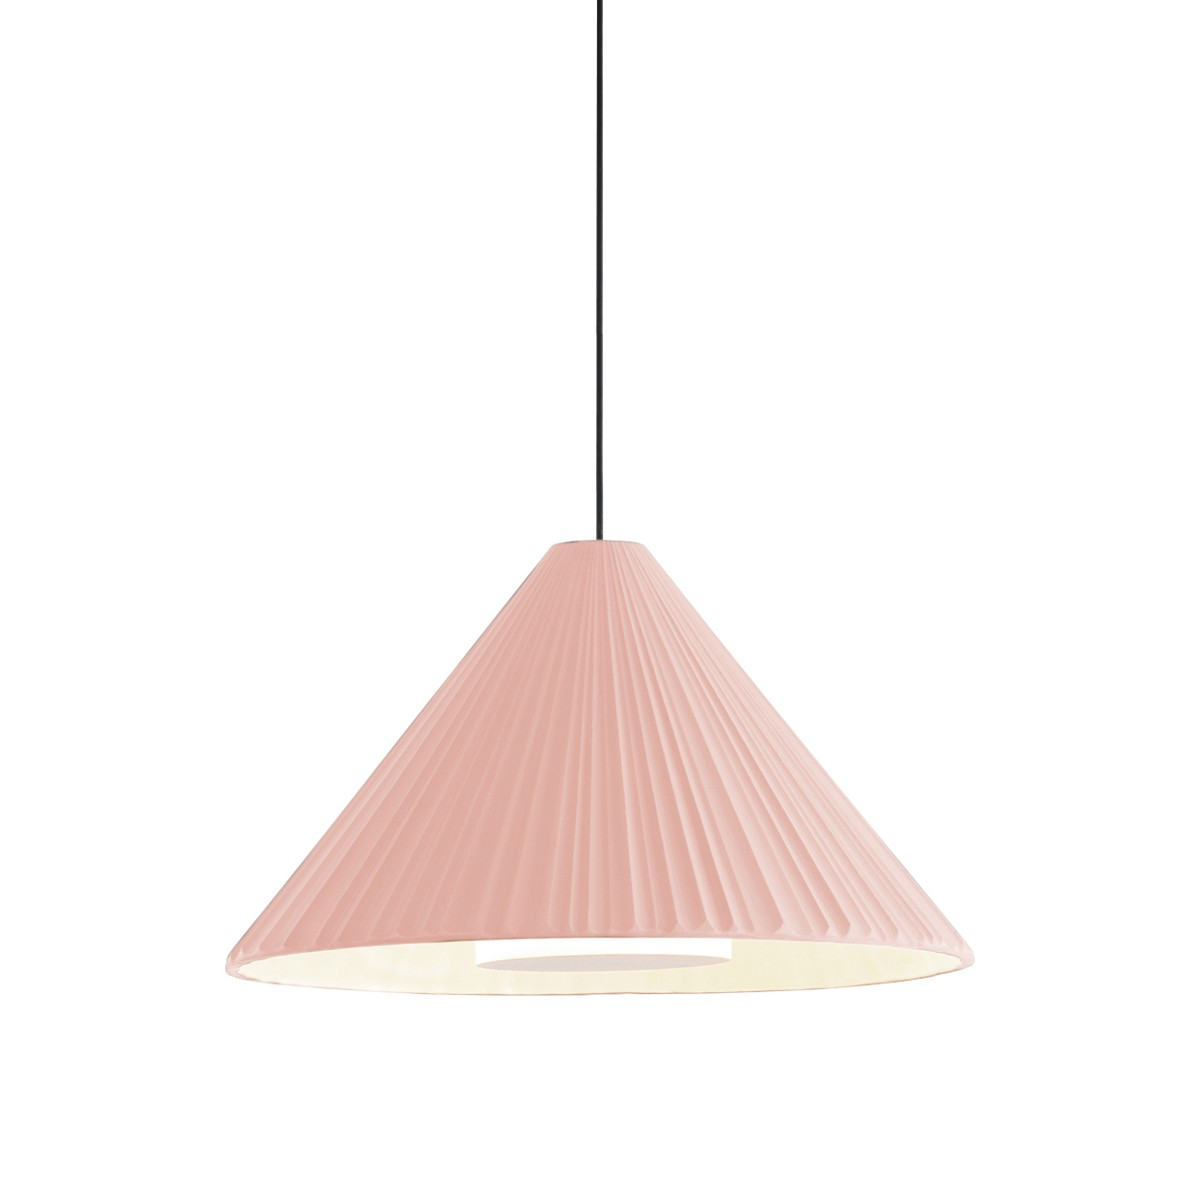 Pu-Ehr Lámpara colgante 21 LED 4W Rosa -Blanco